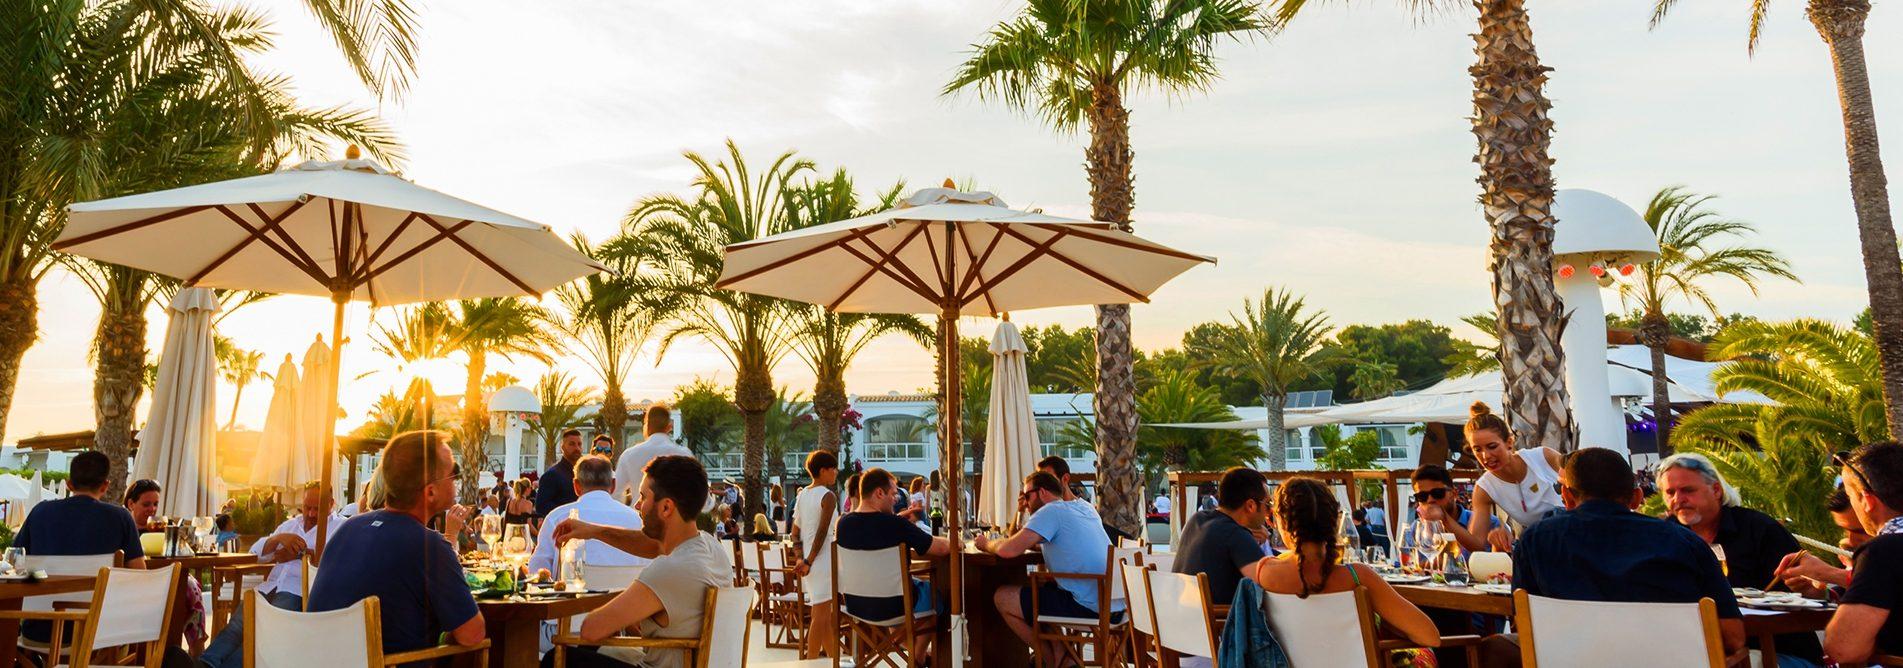 Destino restaurant 3